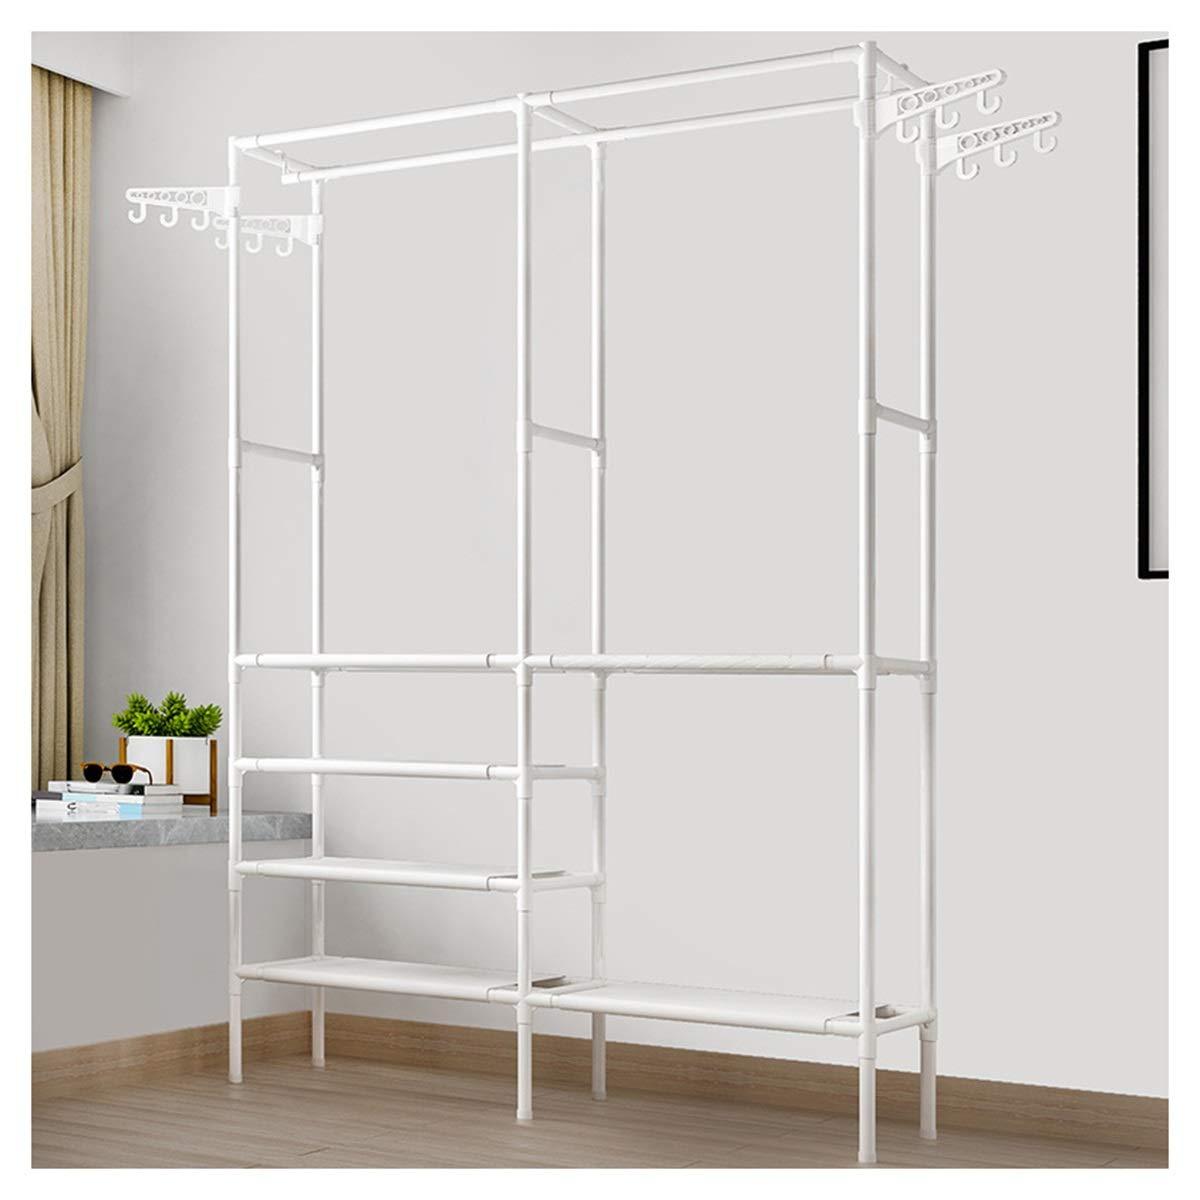 HATHOR-23 - コート ハンガー コートラックフロア寝室ハンガーシンプル洋服ラックホームハンガー経済的なモバイルストレージ (Color : White)  White B07TQSY26D